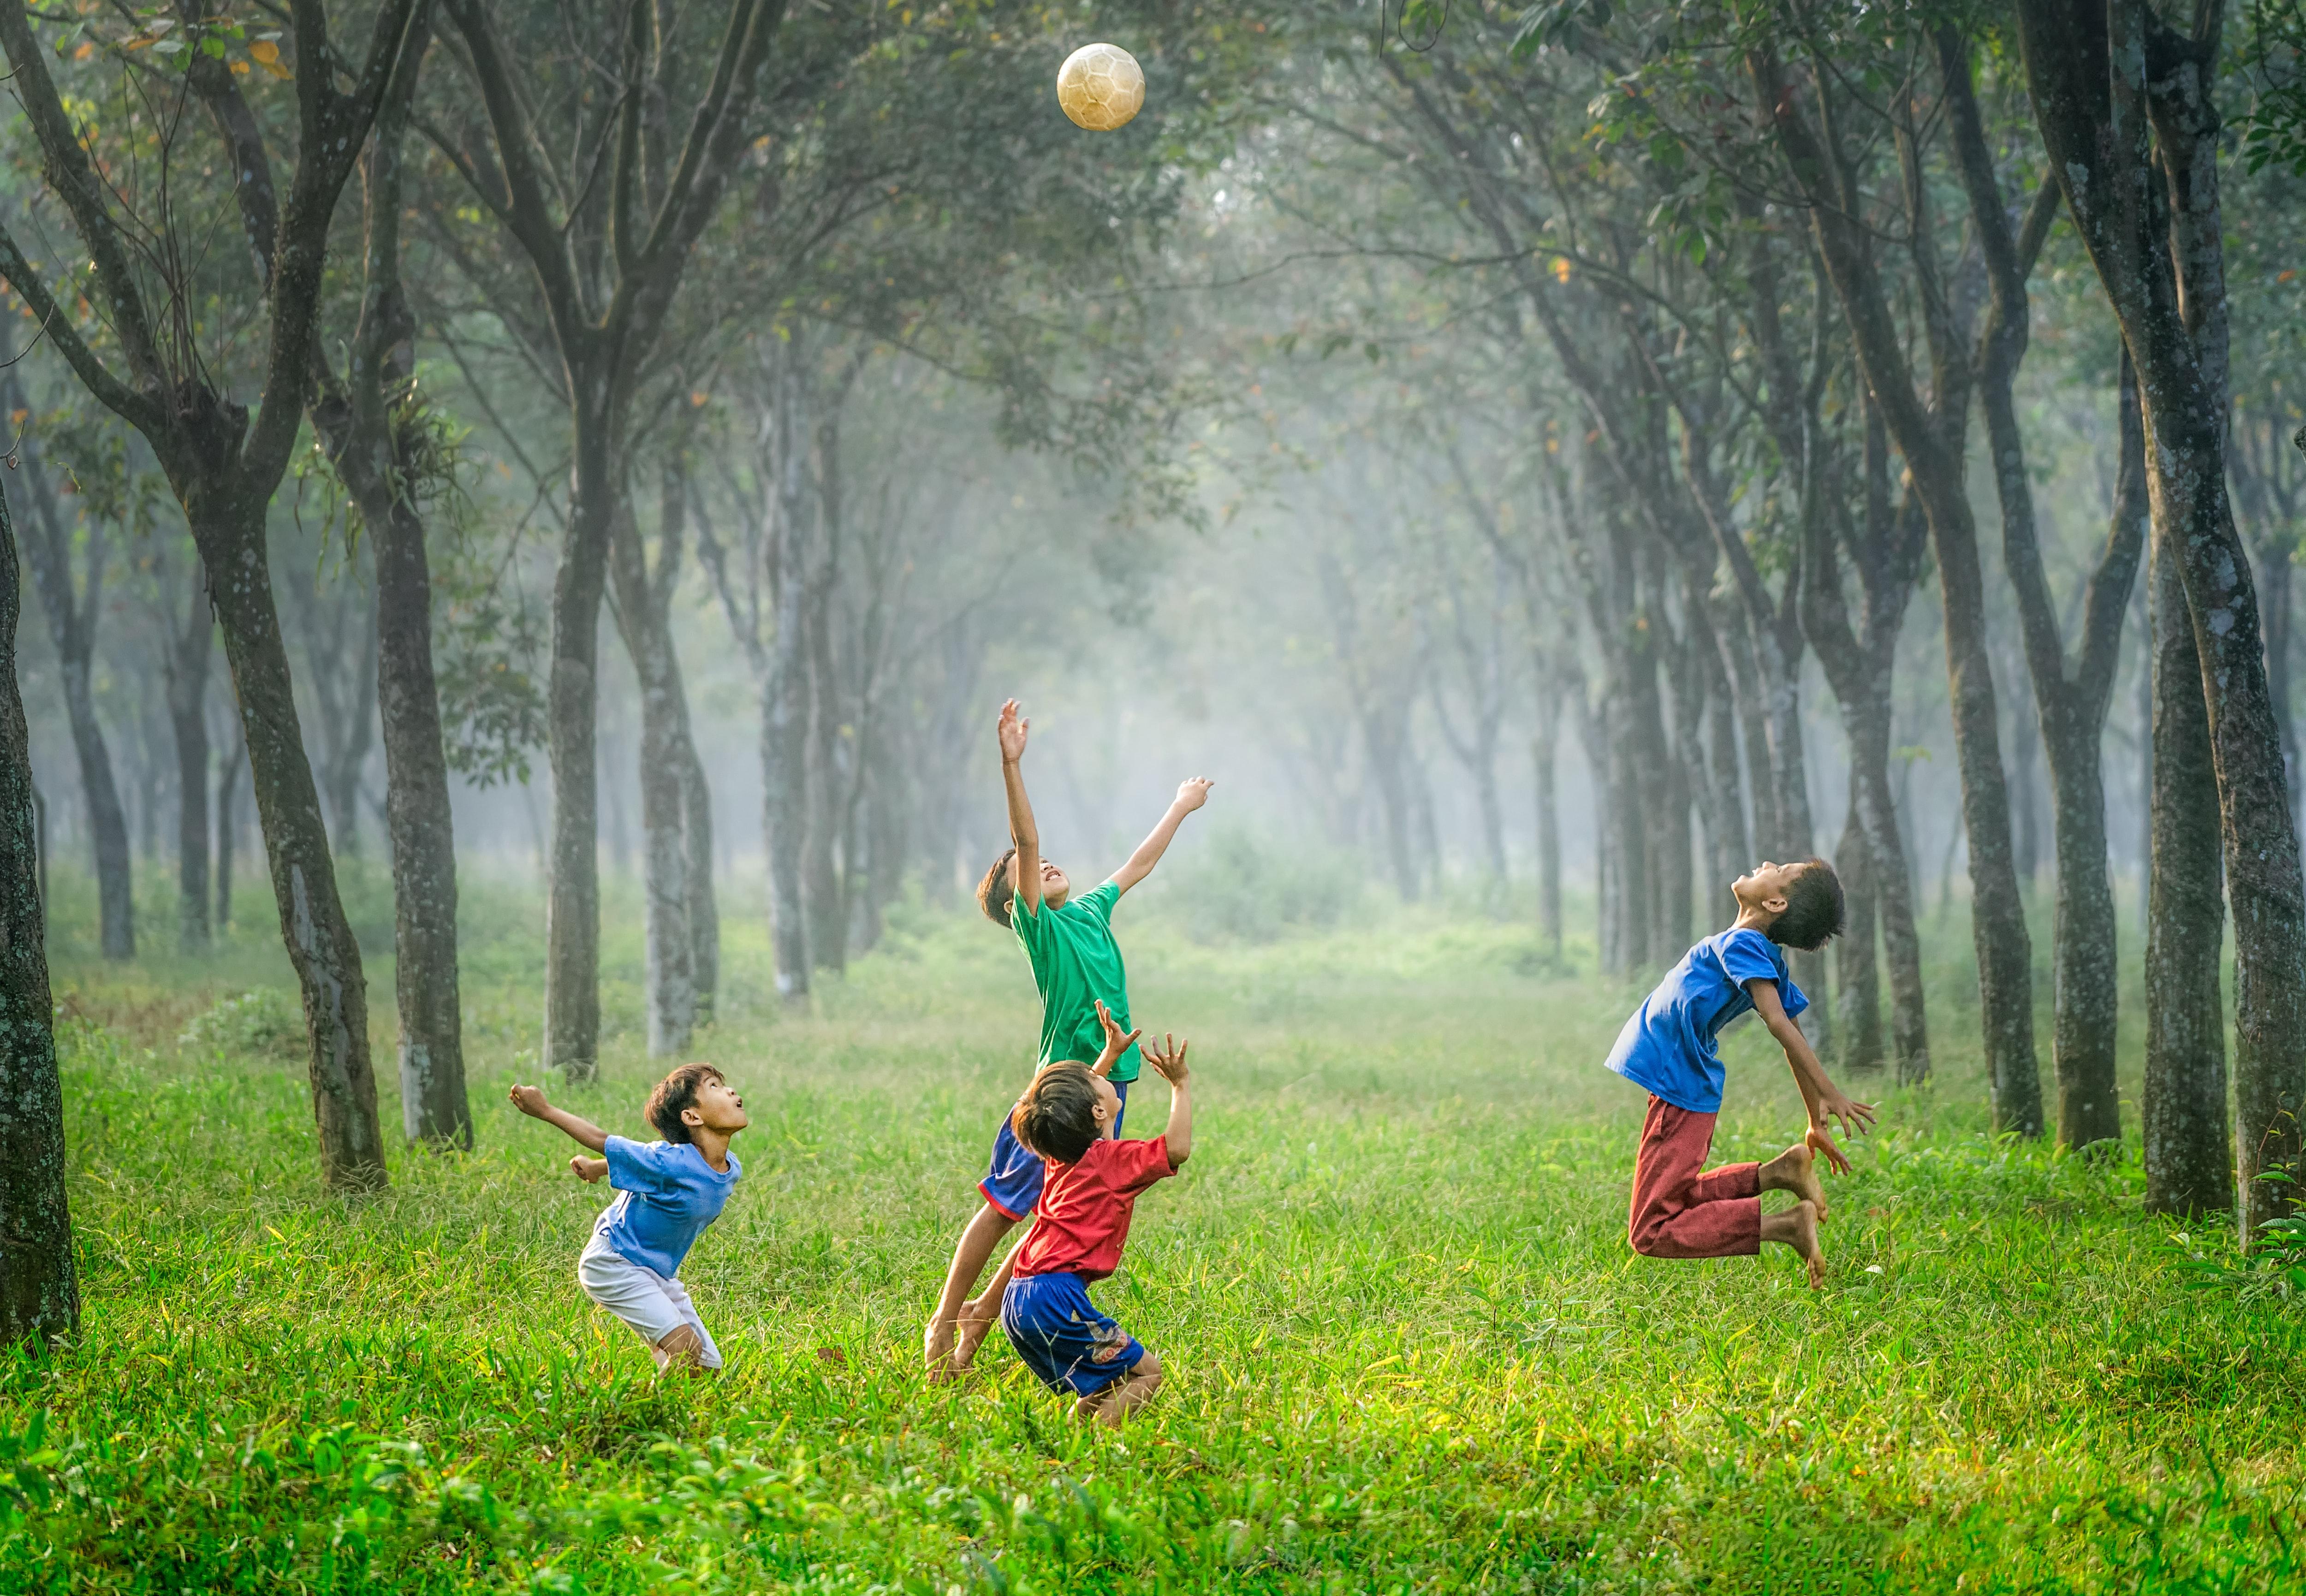 L'età giovanile della nuova era: riflessioni e strategie in un momento evolutivo di una umanità in trasformazione.